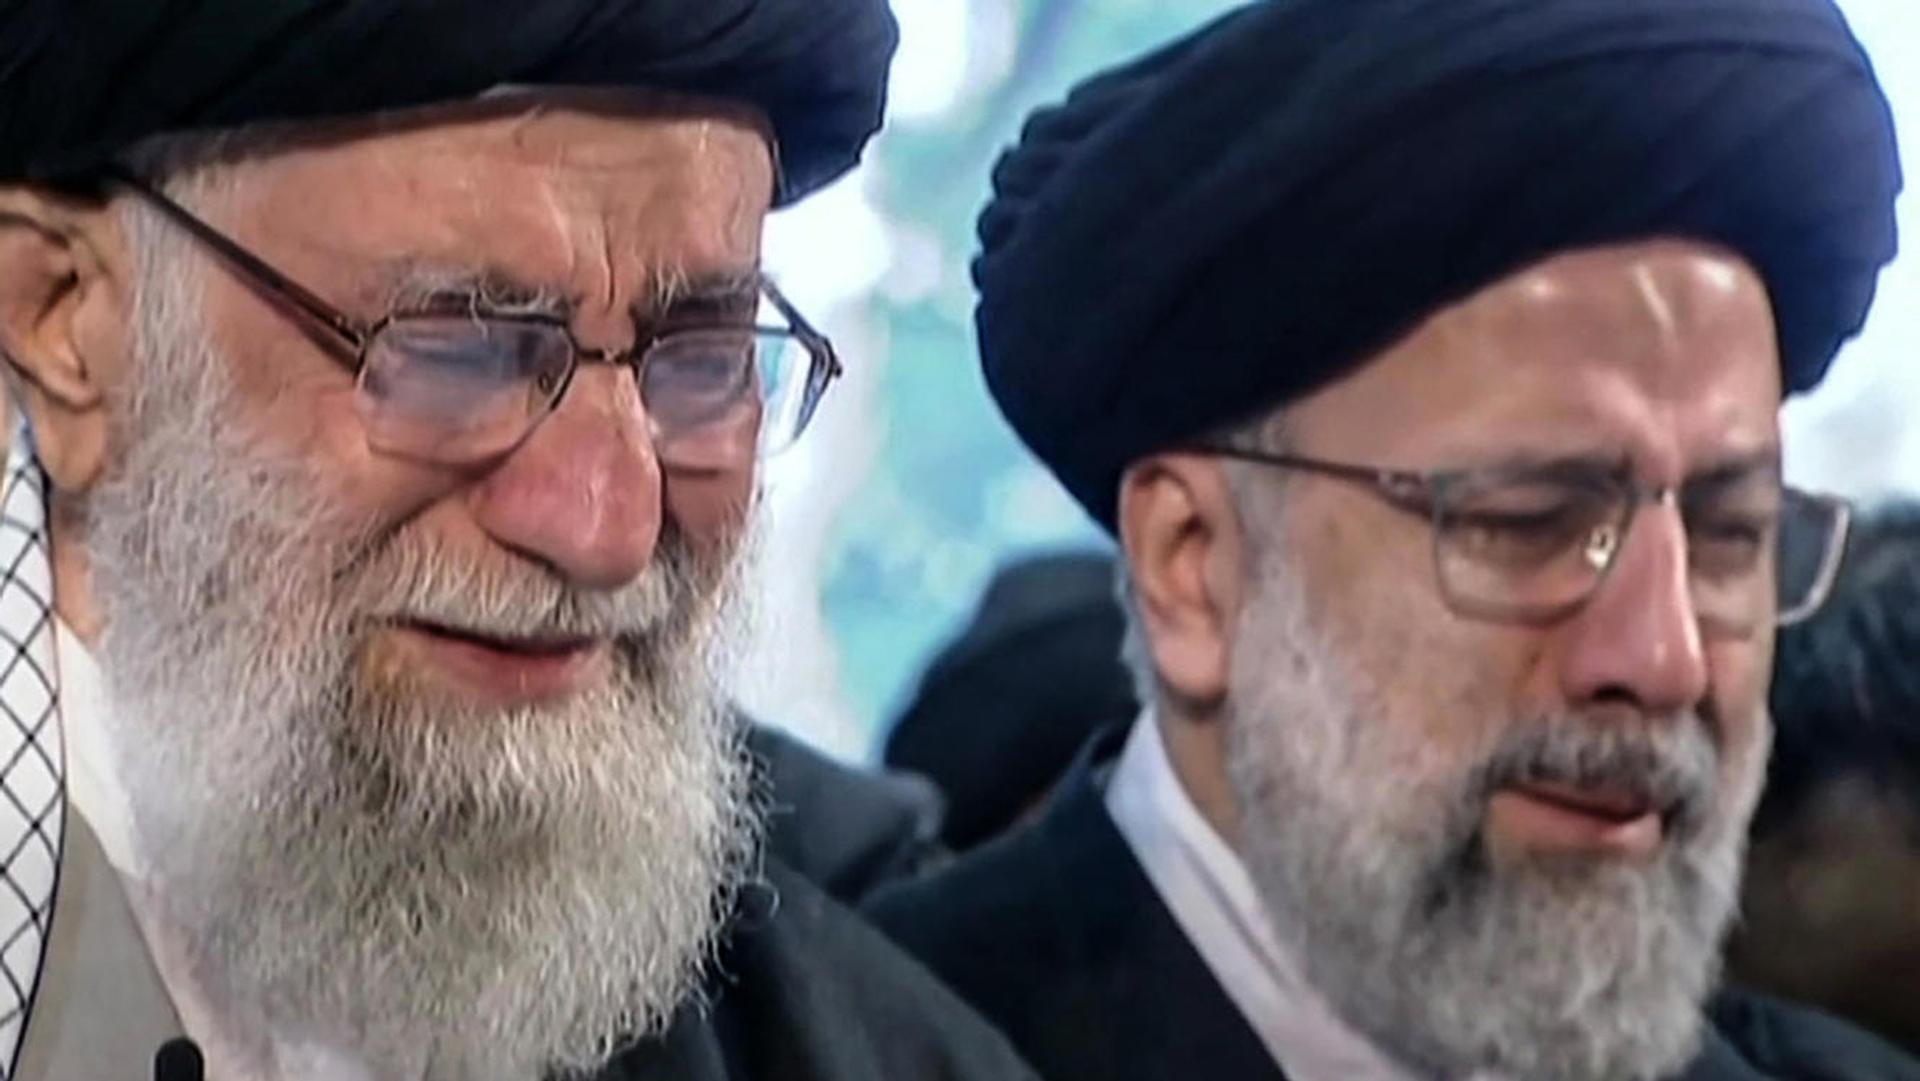 El líder supremo de Irán llora en el funeral de Soleimani